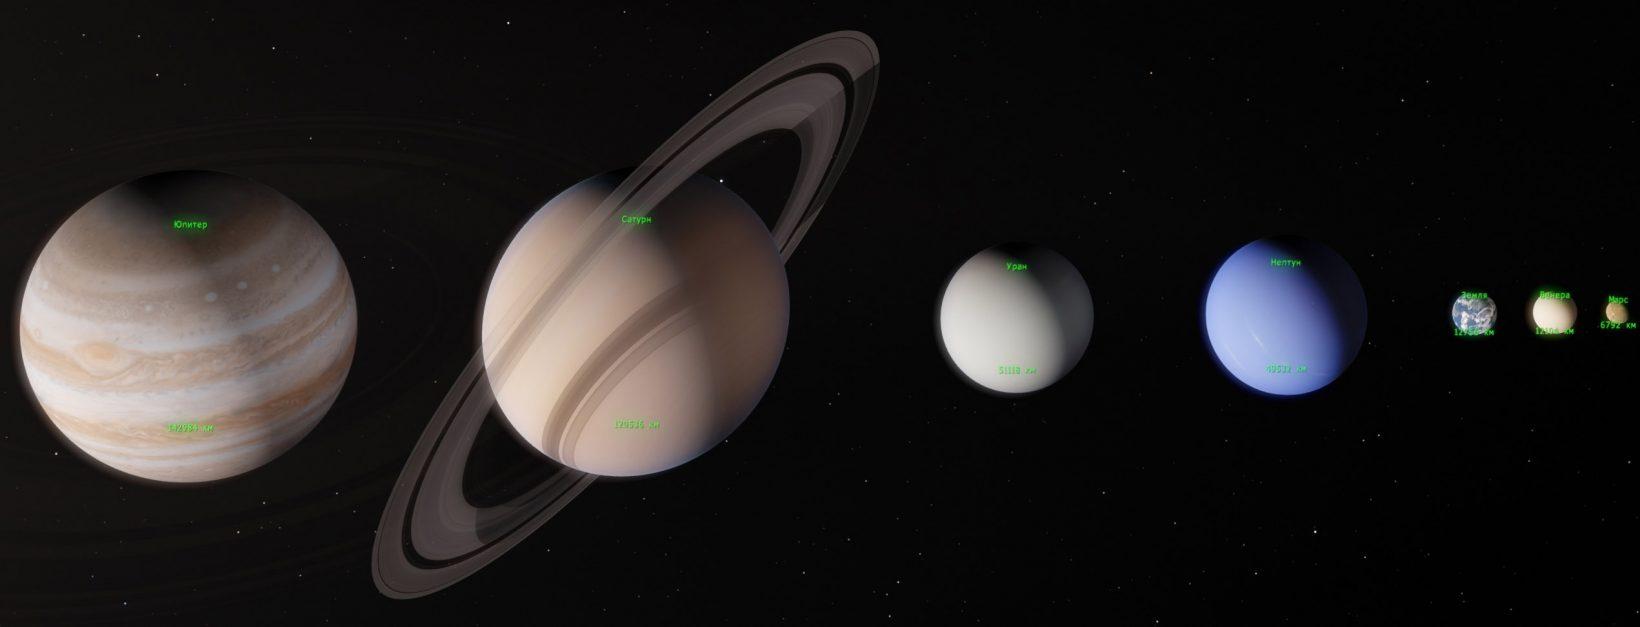 Земля, Венера иМарс всравнении сгигантами: Юпитером, Сатурном, Ураном иНептуном